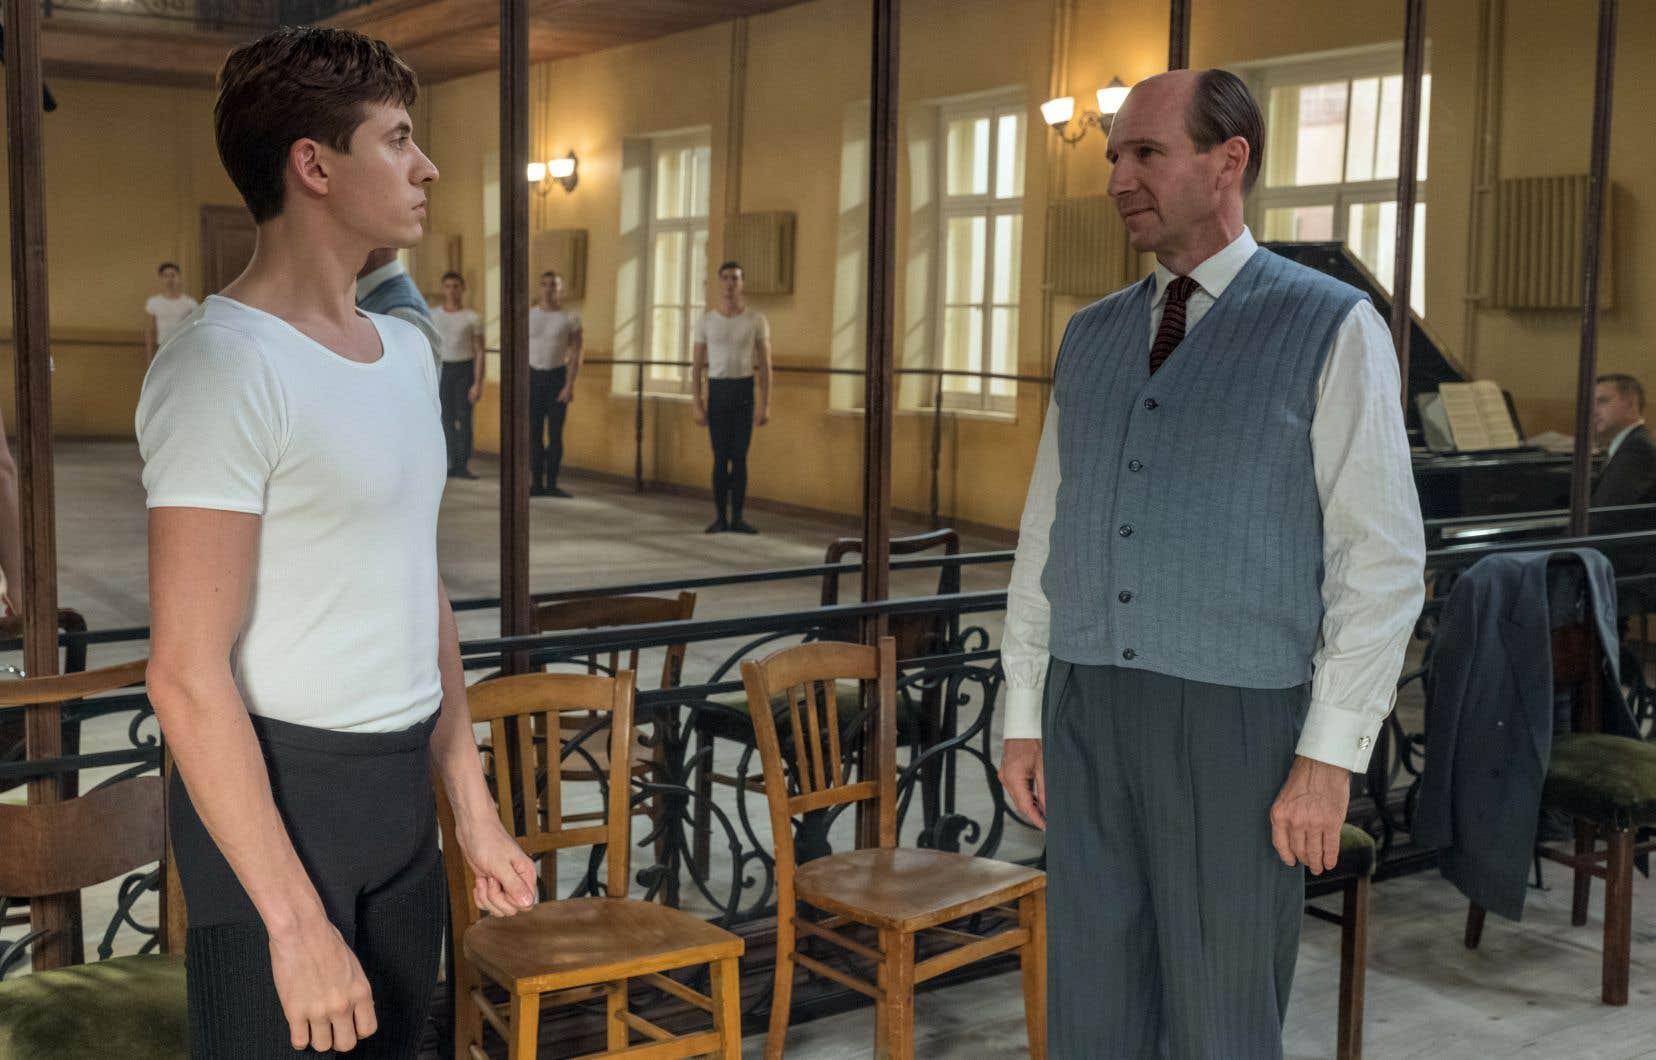 Le réalisateur Ralph Fiennes, acteur célébré, joue ici fort bellement le professeur de Noureev, Alexandre Pouchkine.